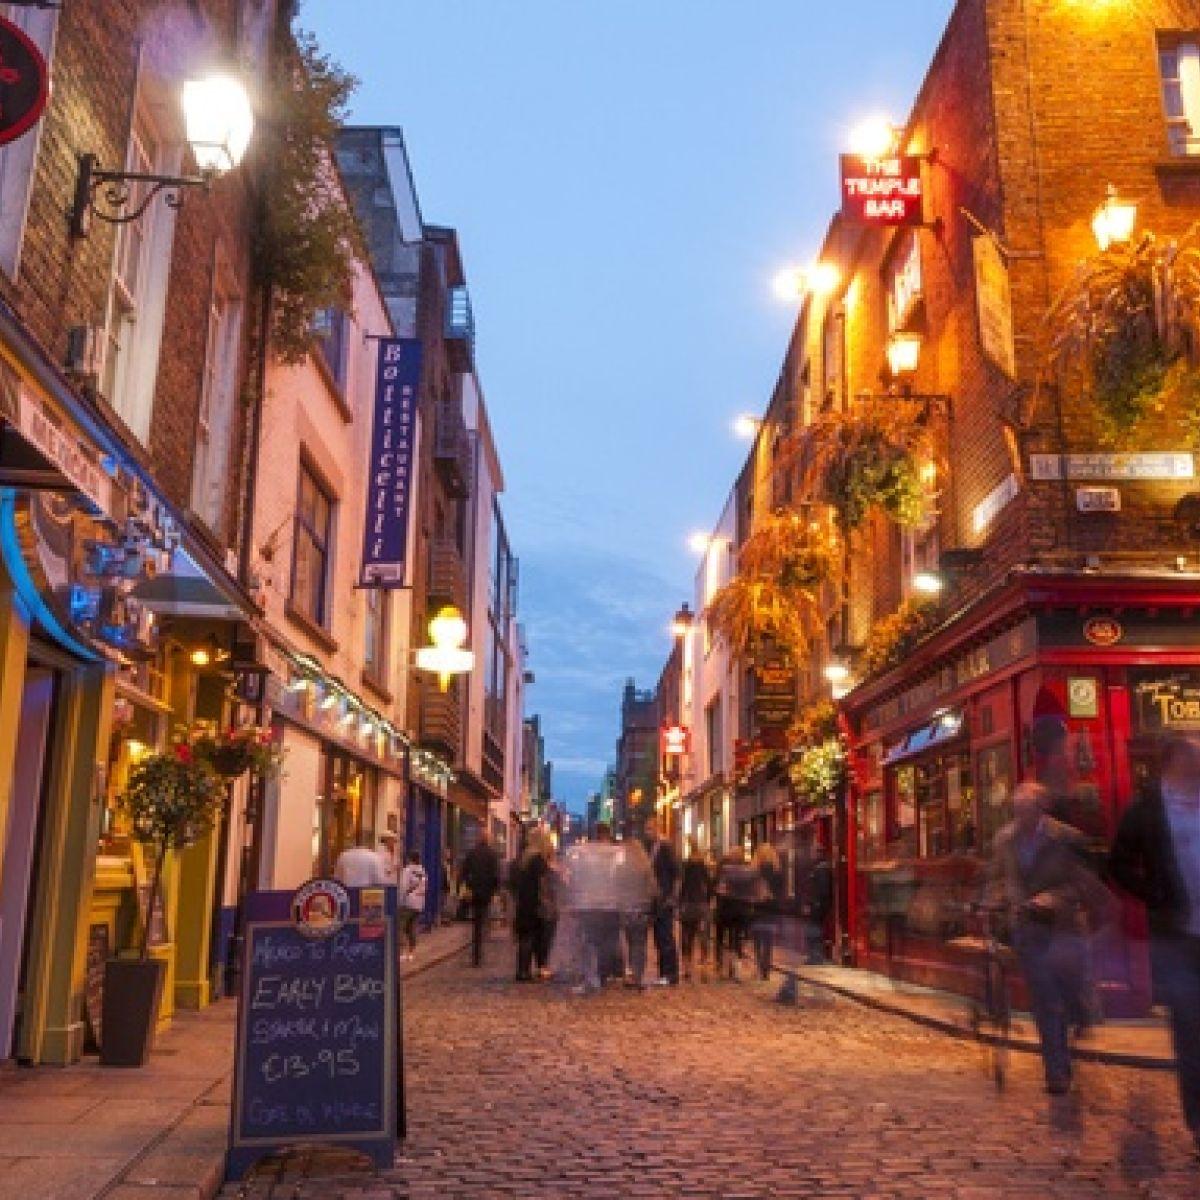 Leeson Inn Downtown - Dublin - Ireland